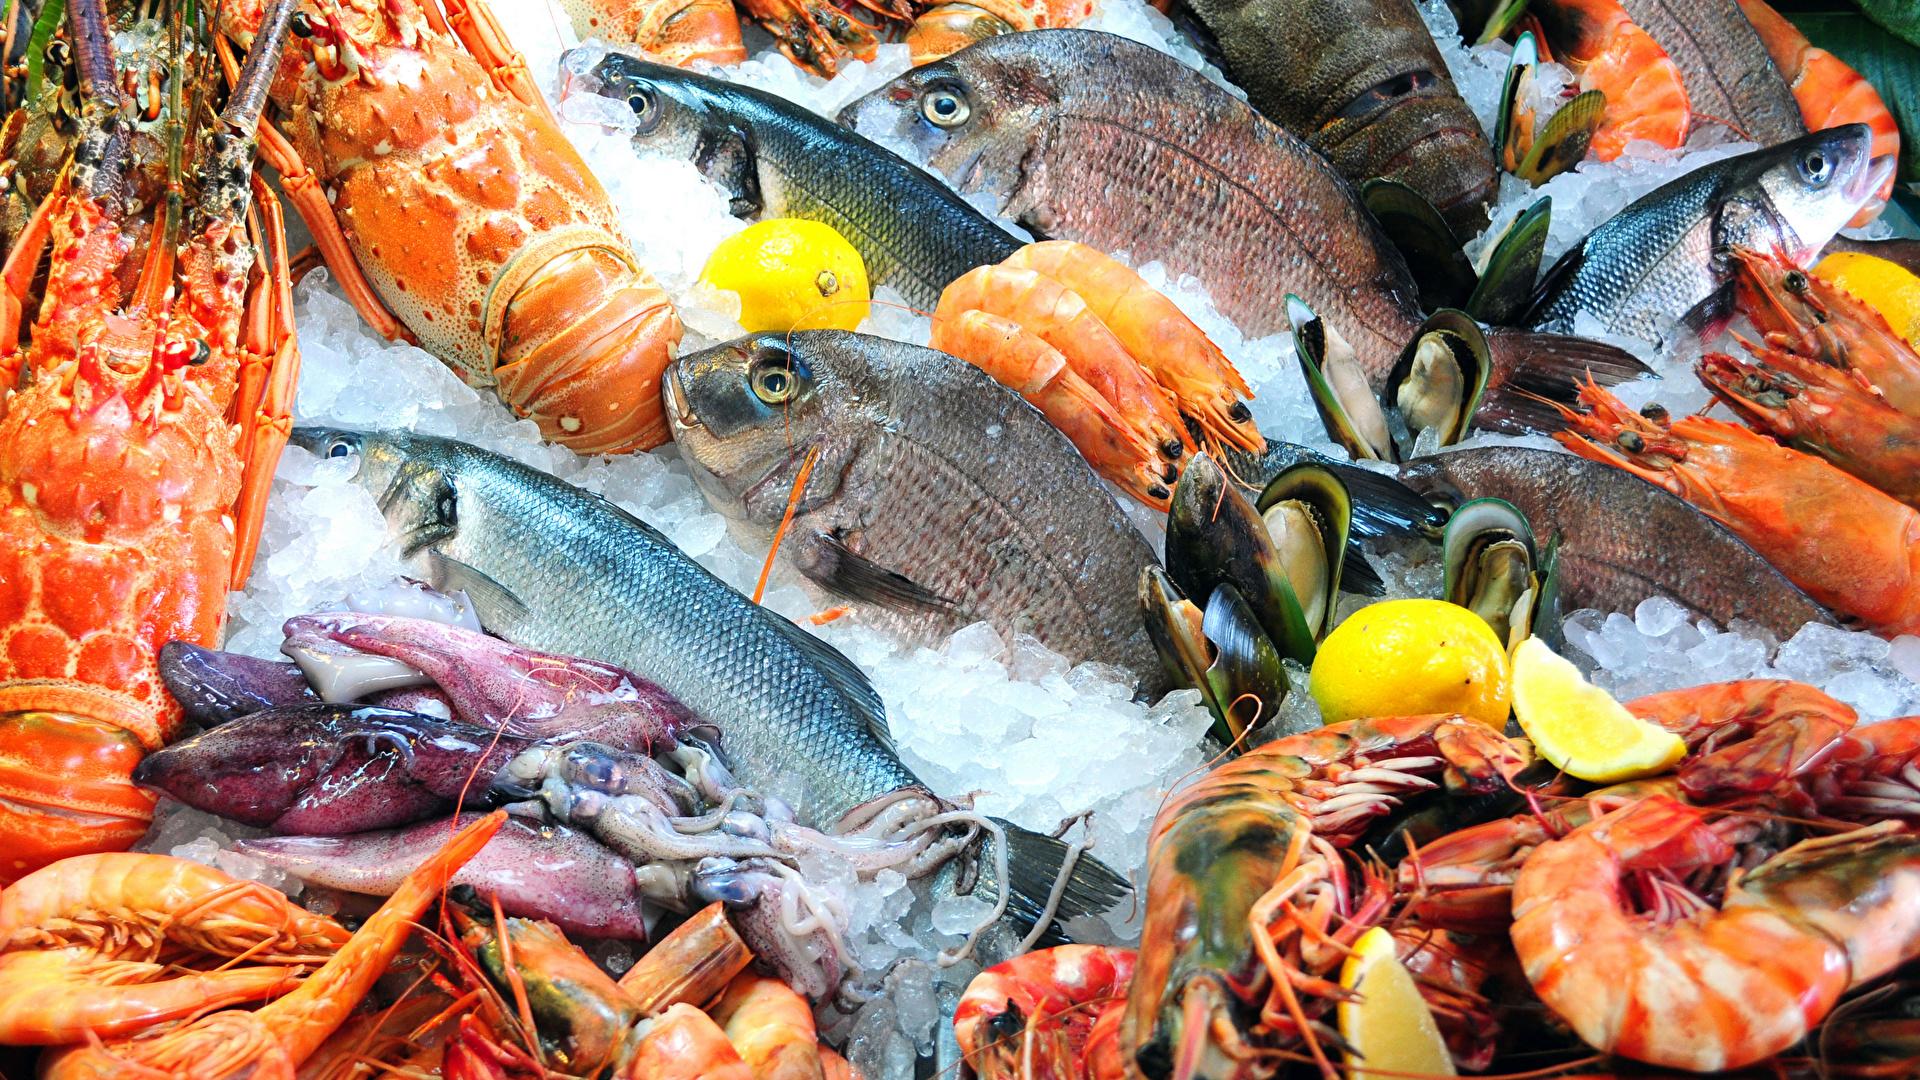 Seafoods_Fish_Food_Shrimp_Crayfish_542986_1920x1080